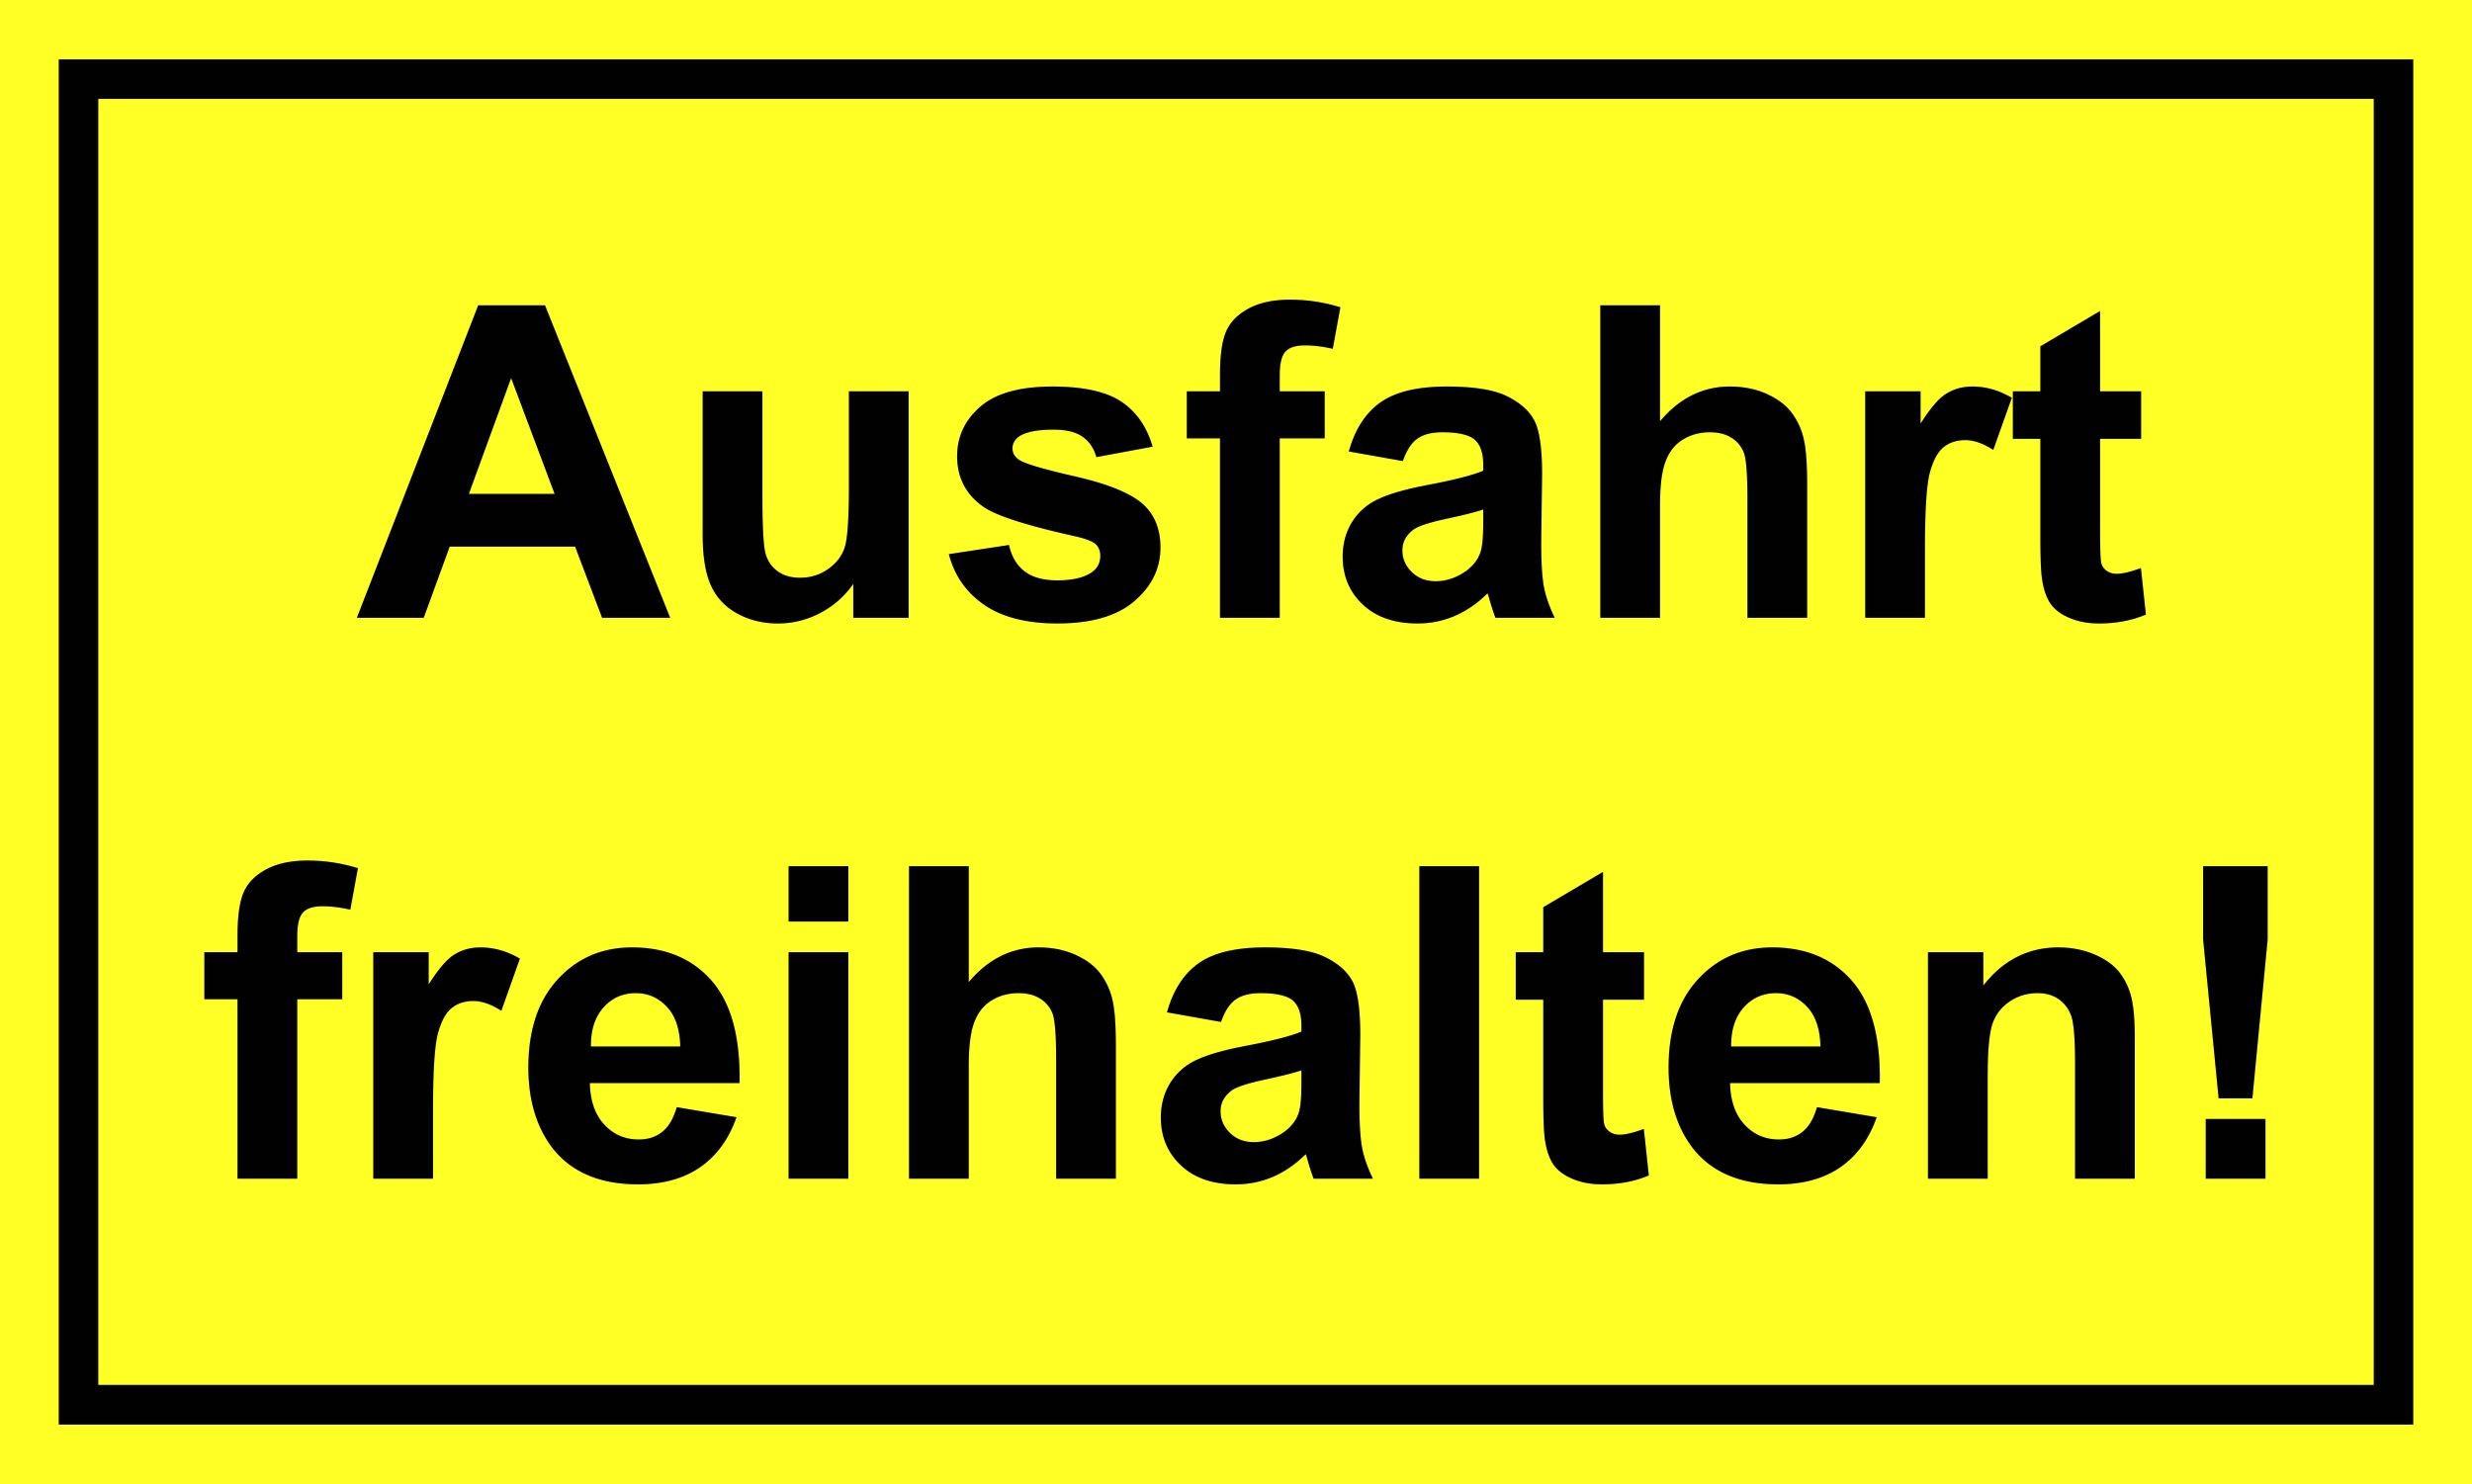 Ausfahrt freihalten! 150 x 250 mm Warn- Hinweis- und Verbotsschild PST-Kunststoff – Bild 1